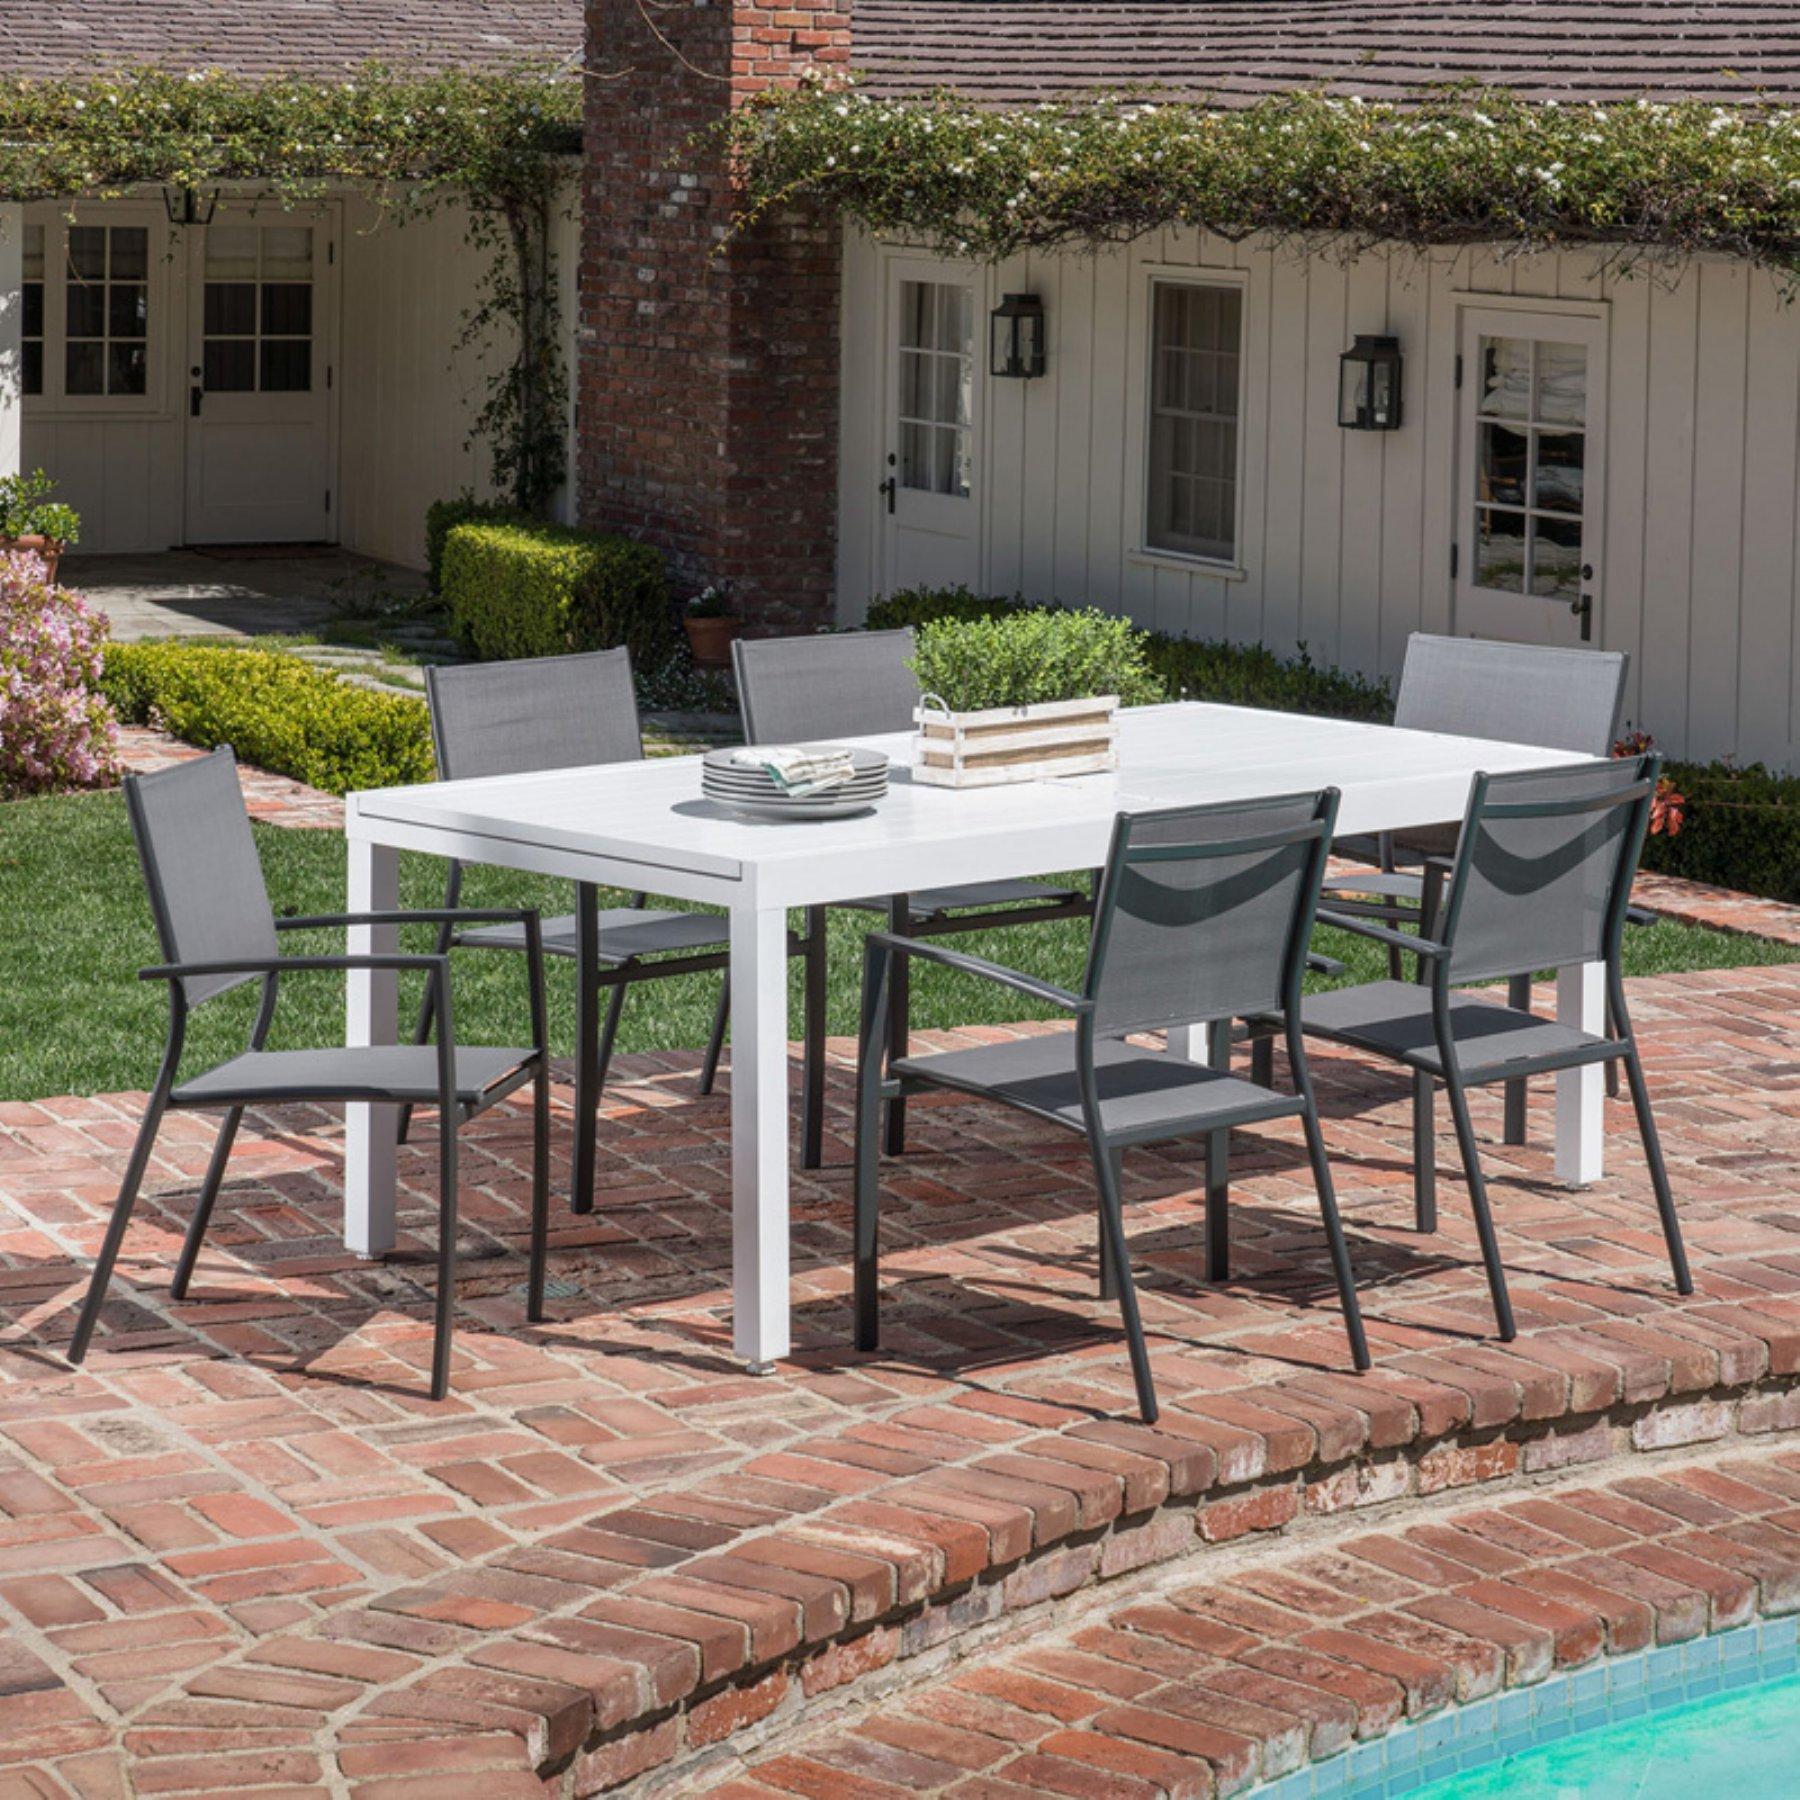 Hanover Outdoor Del Mar Aluminum 7 Piece Outdoor Patio Dining Set